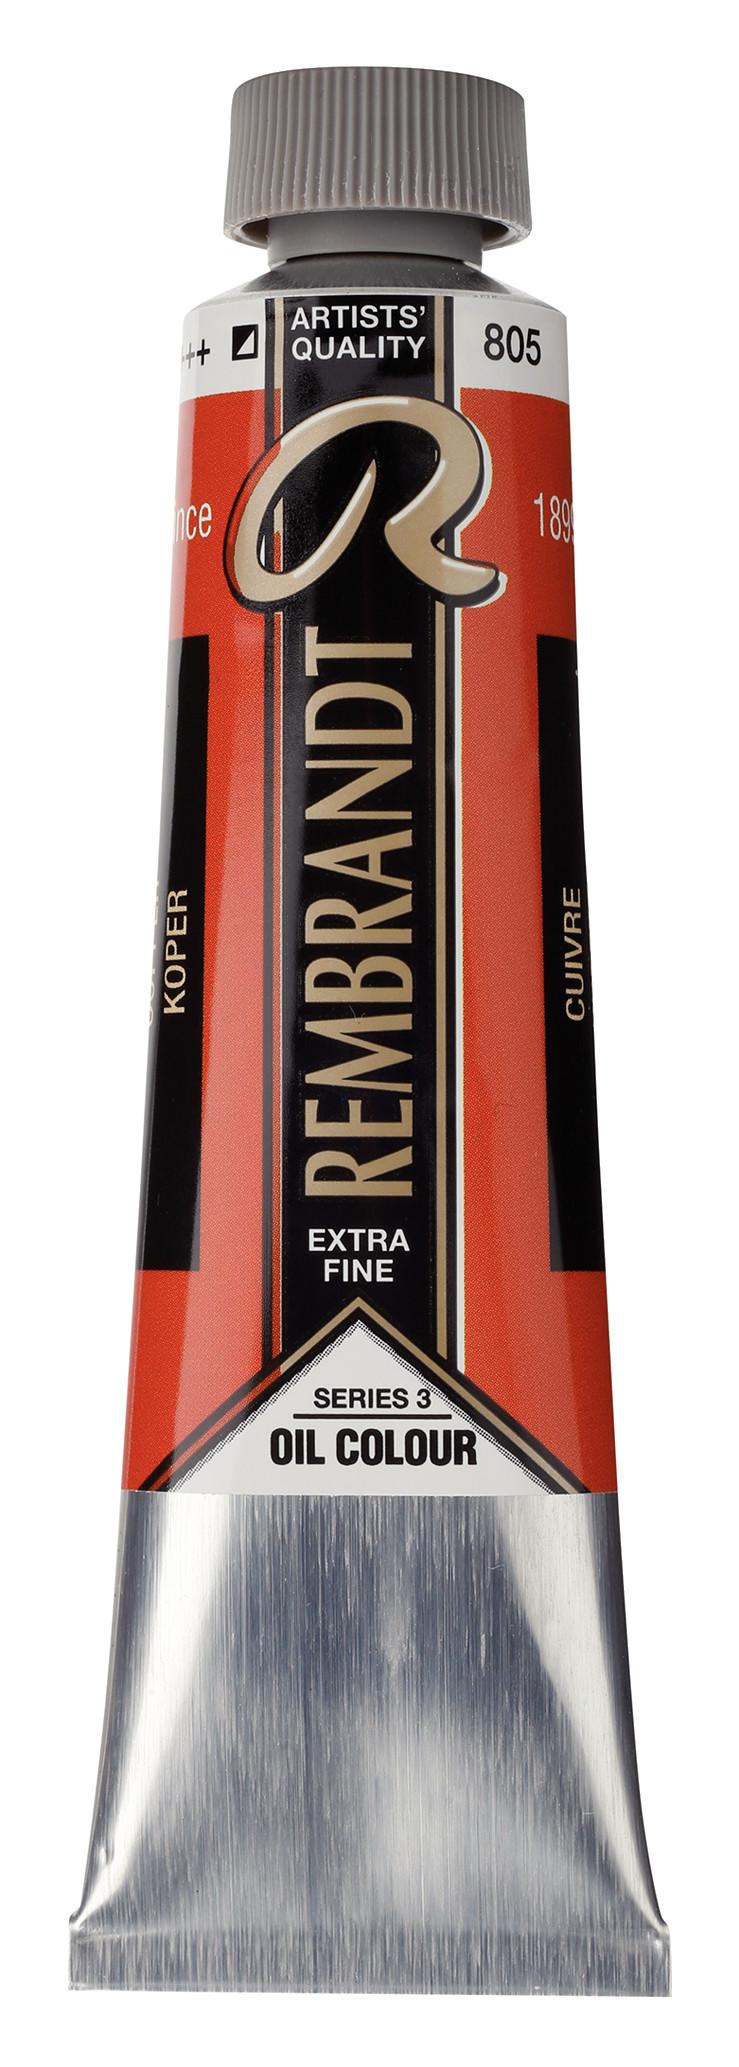 Rembrandt Oil colour Paint Copper (805) 40ml Tube